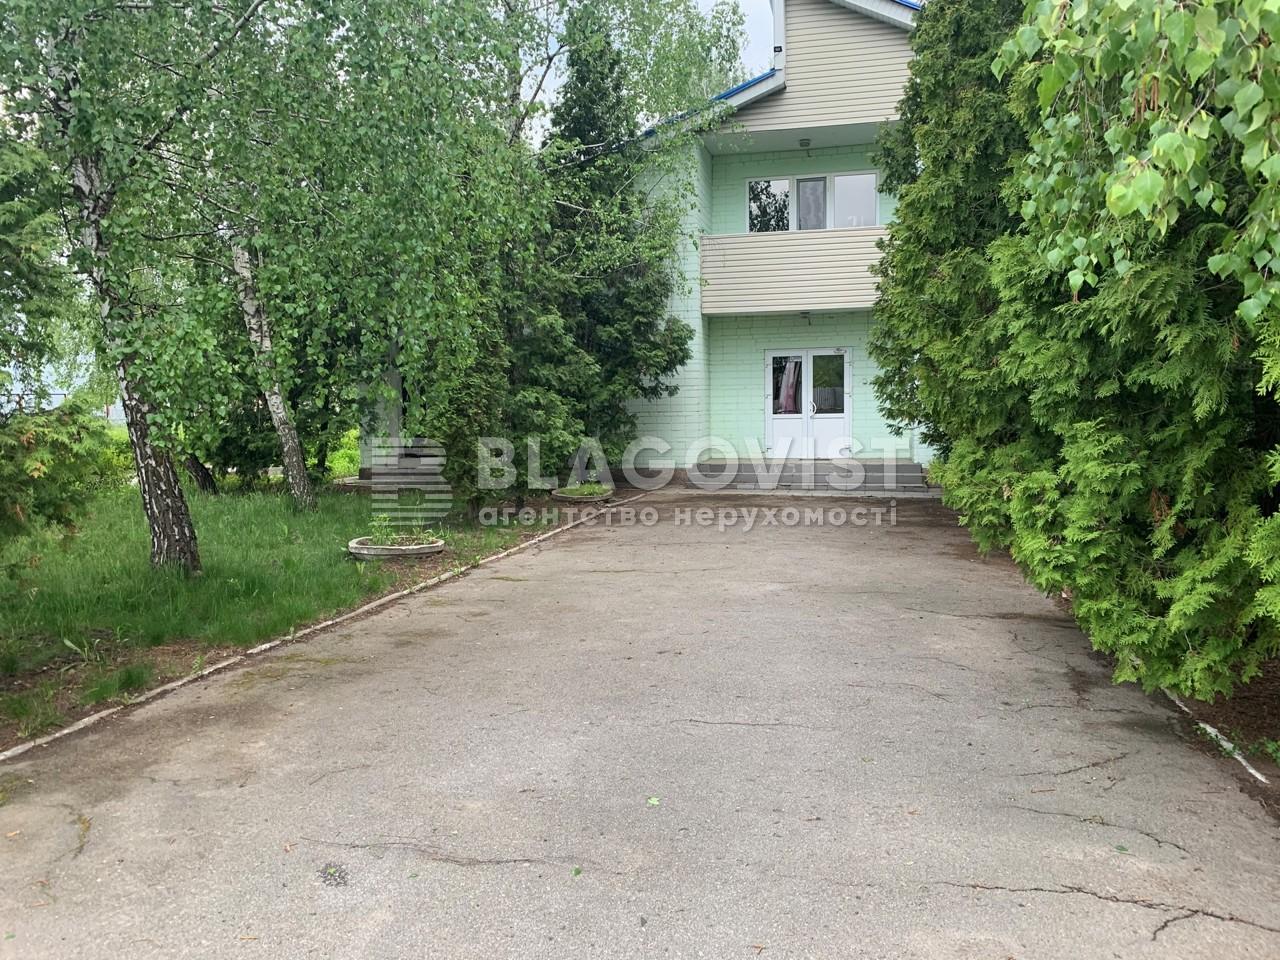 Будинок D-36144, Виставкова, Чубинське - Фото 1